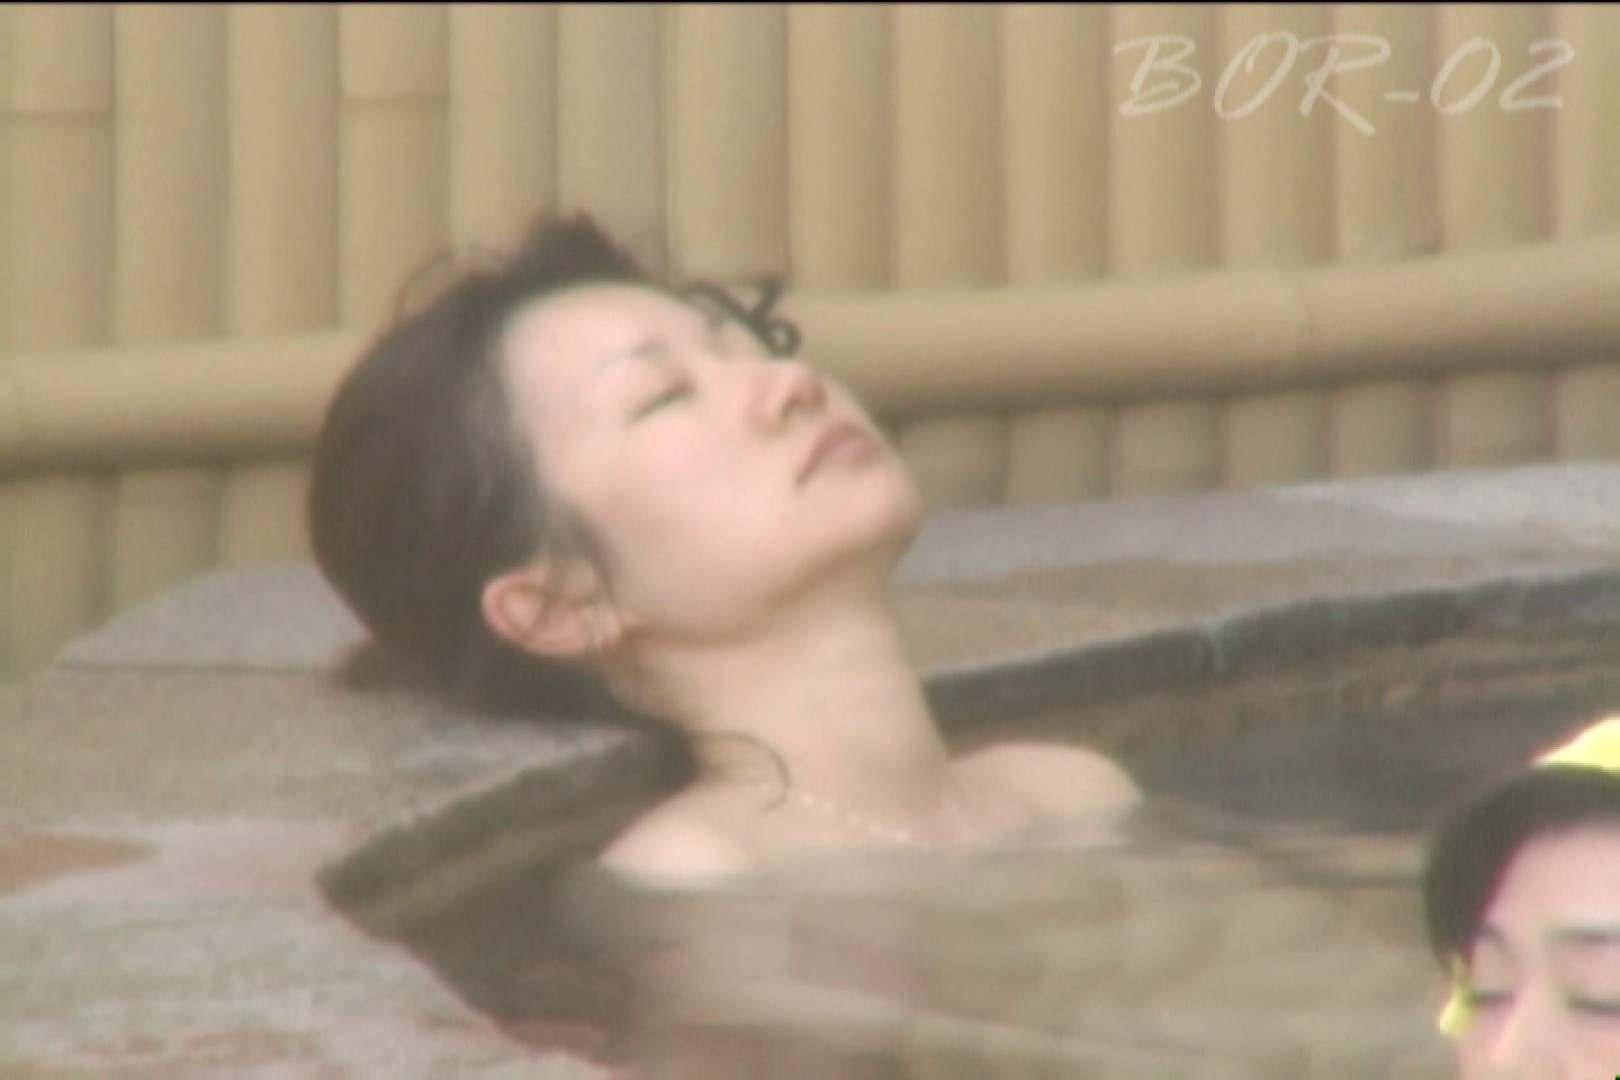 Aquaな露天風呂Vol.477 盗撮  99PICs 39